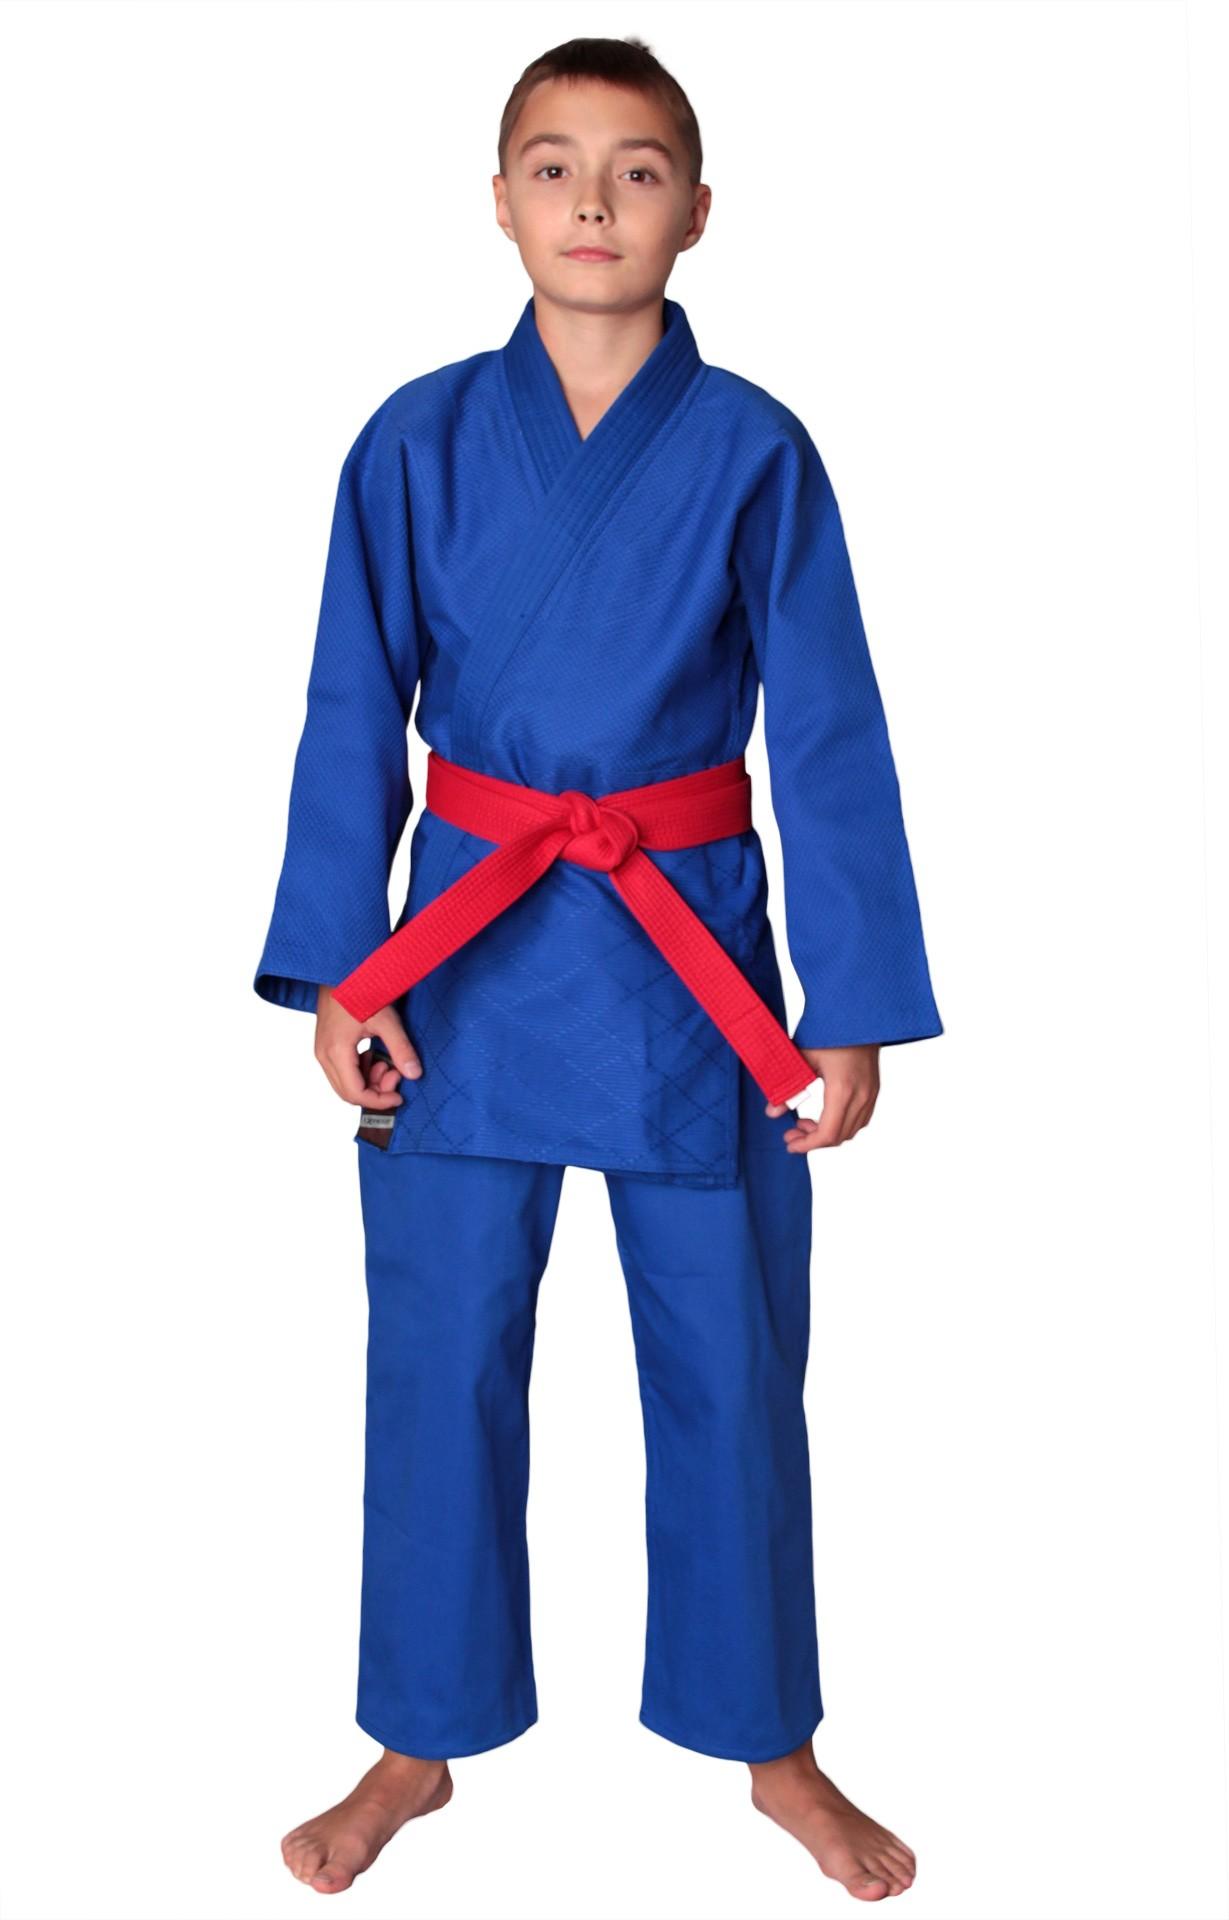 Униформа дзюдо EXPERT синяя, в комплекте с белым поясом